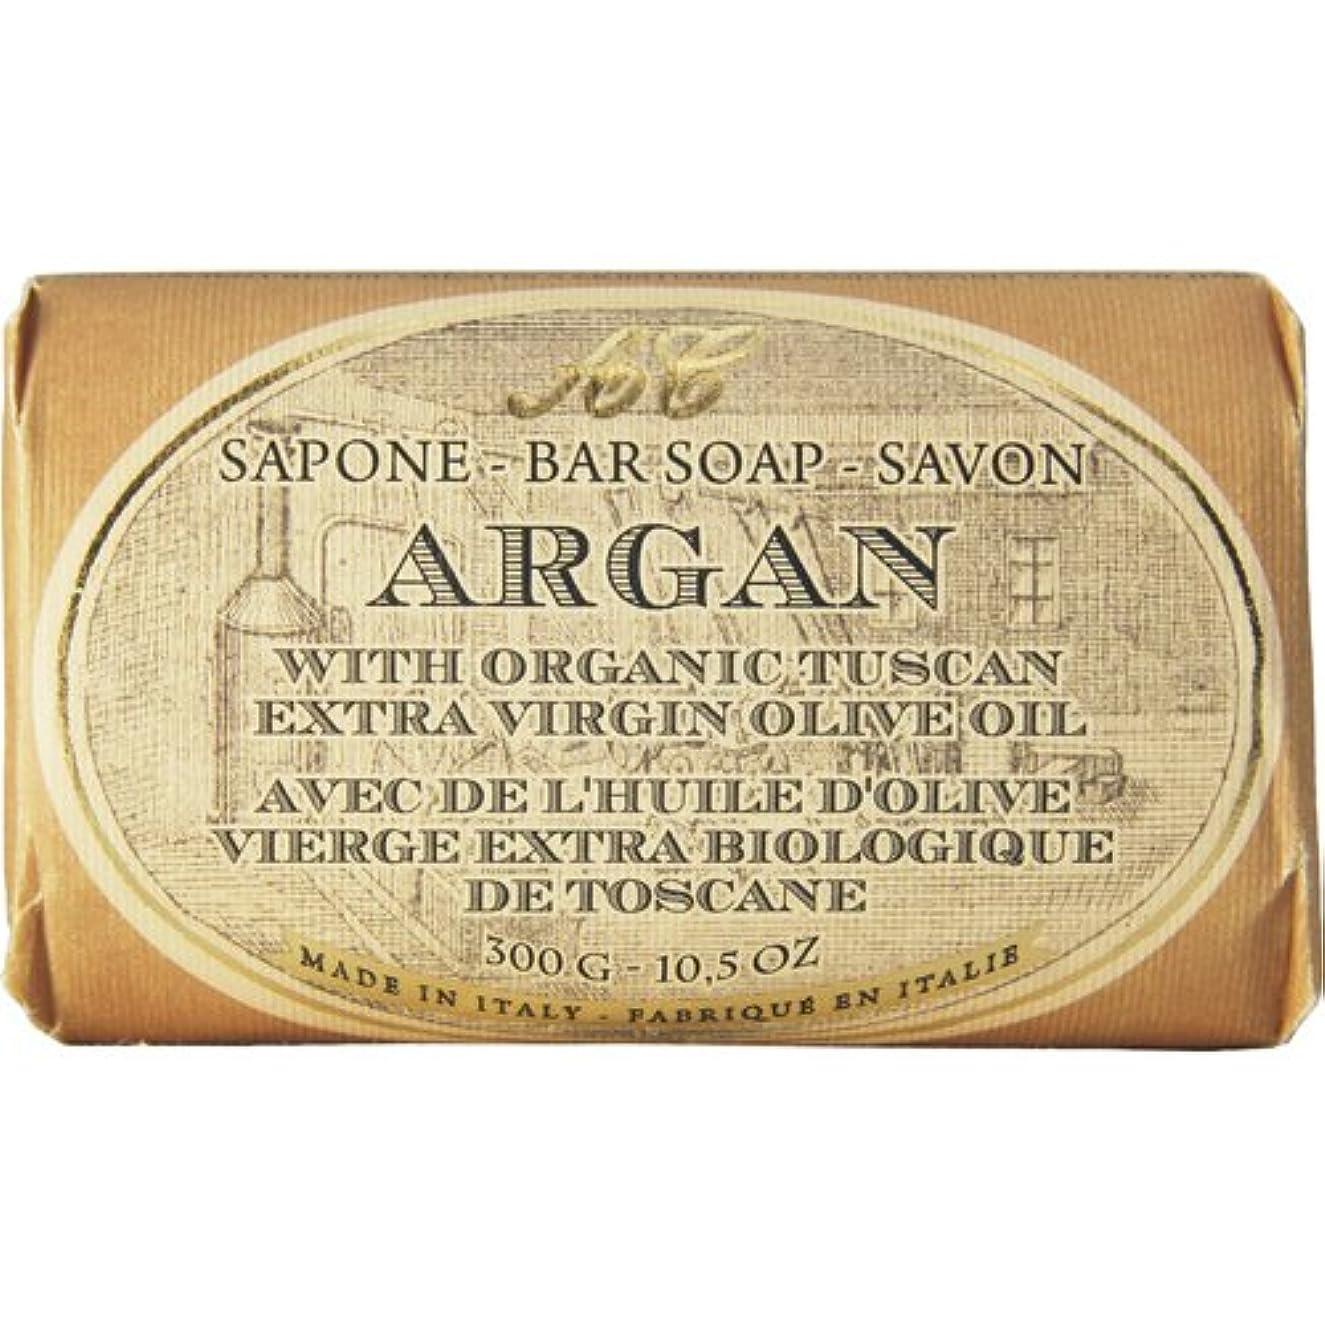 回転する囚人積分Saponerire Fissi レトロシリーズ Bar Soap バーソープ 300g Argan アルガンオイル